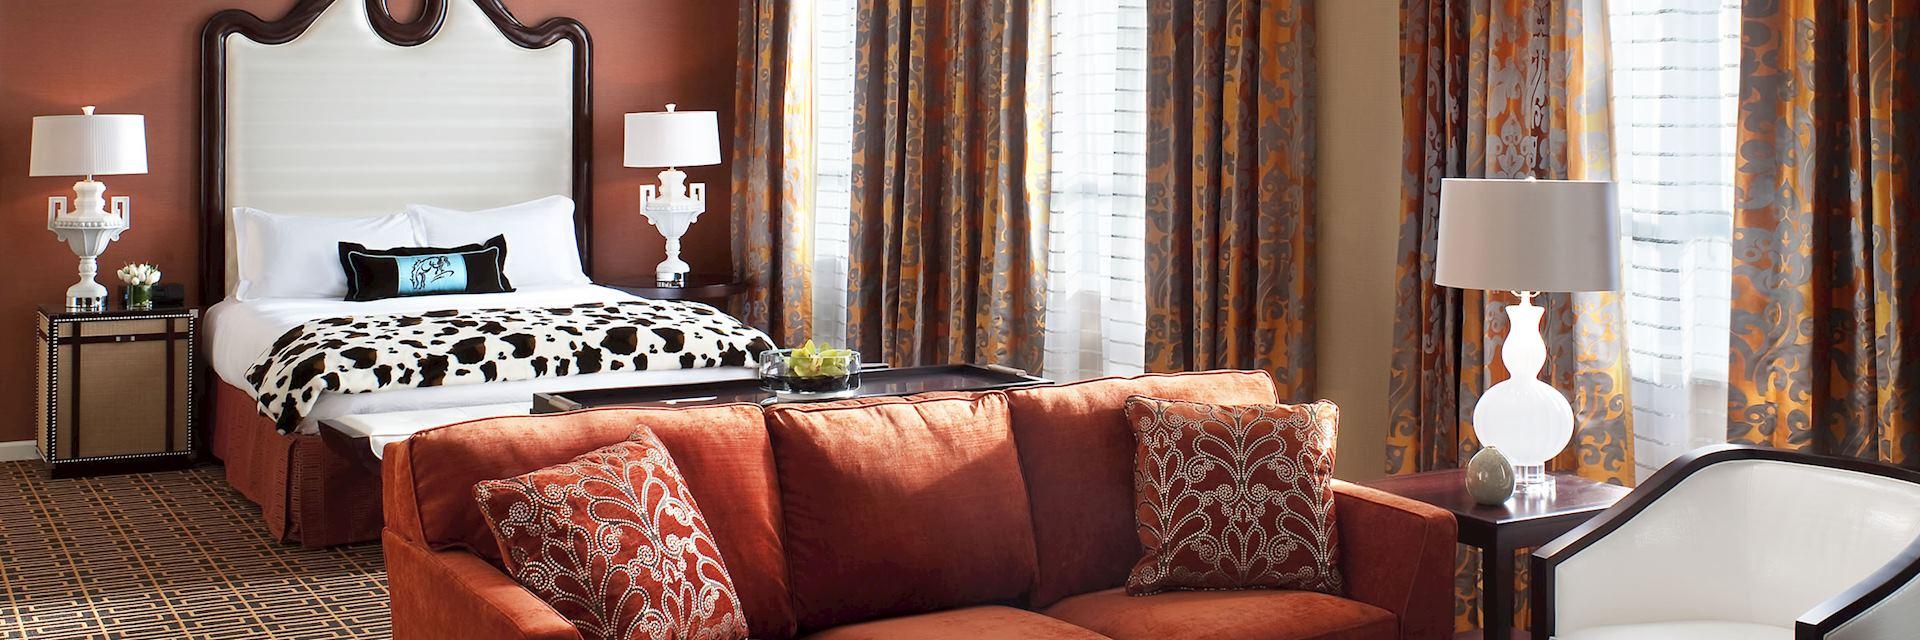 Hotel Monaco, Denver, Monte Carlo Suite